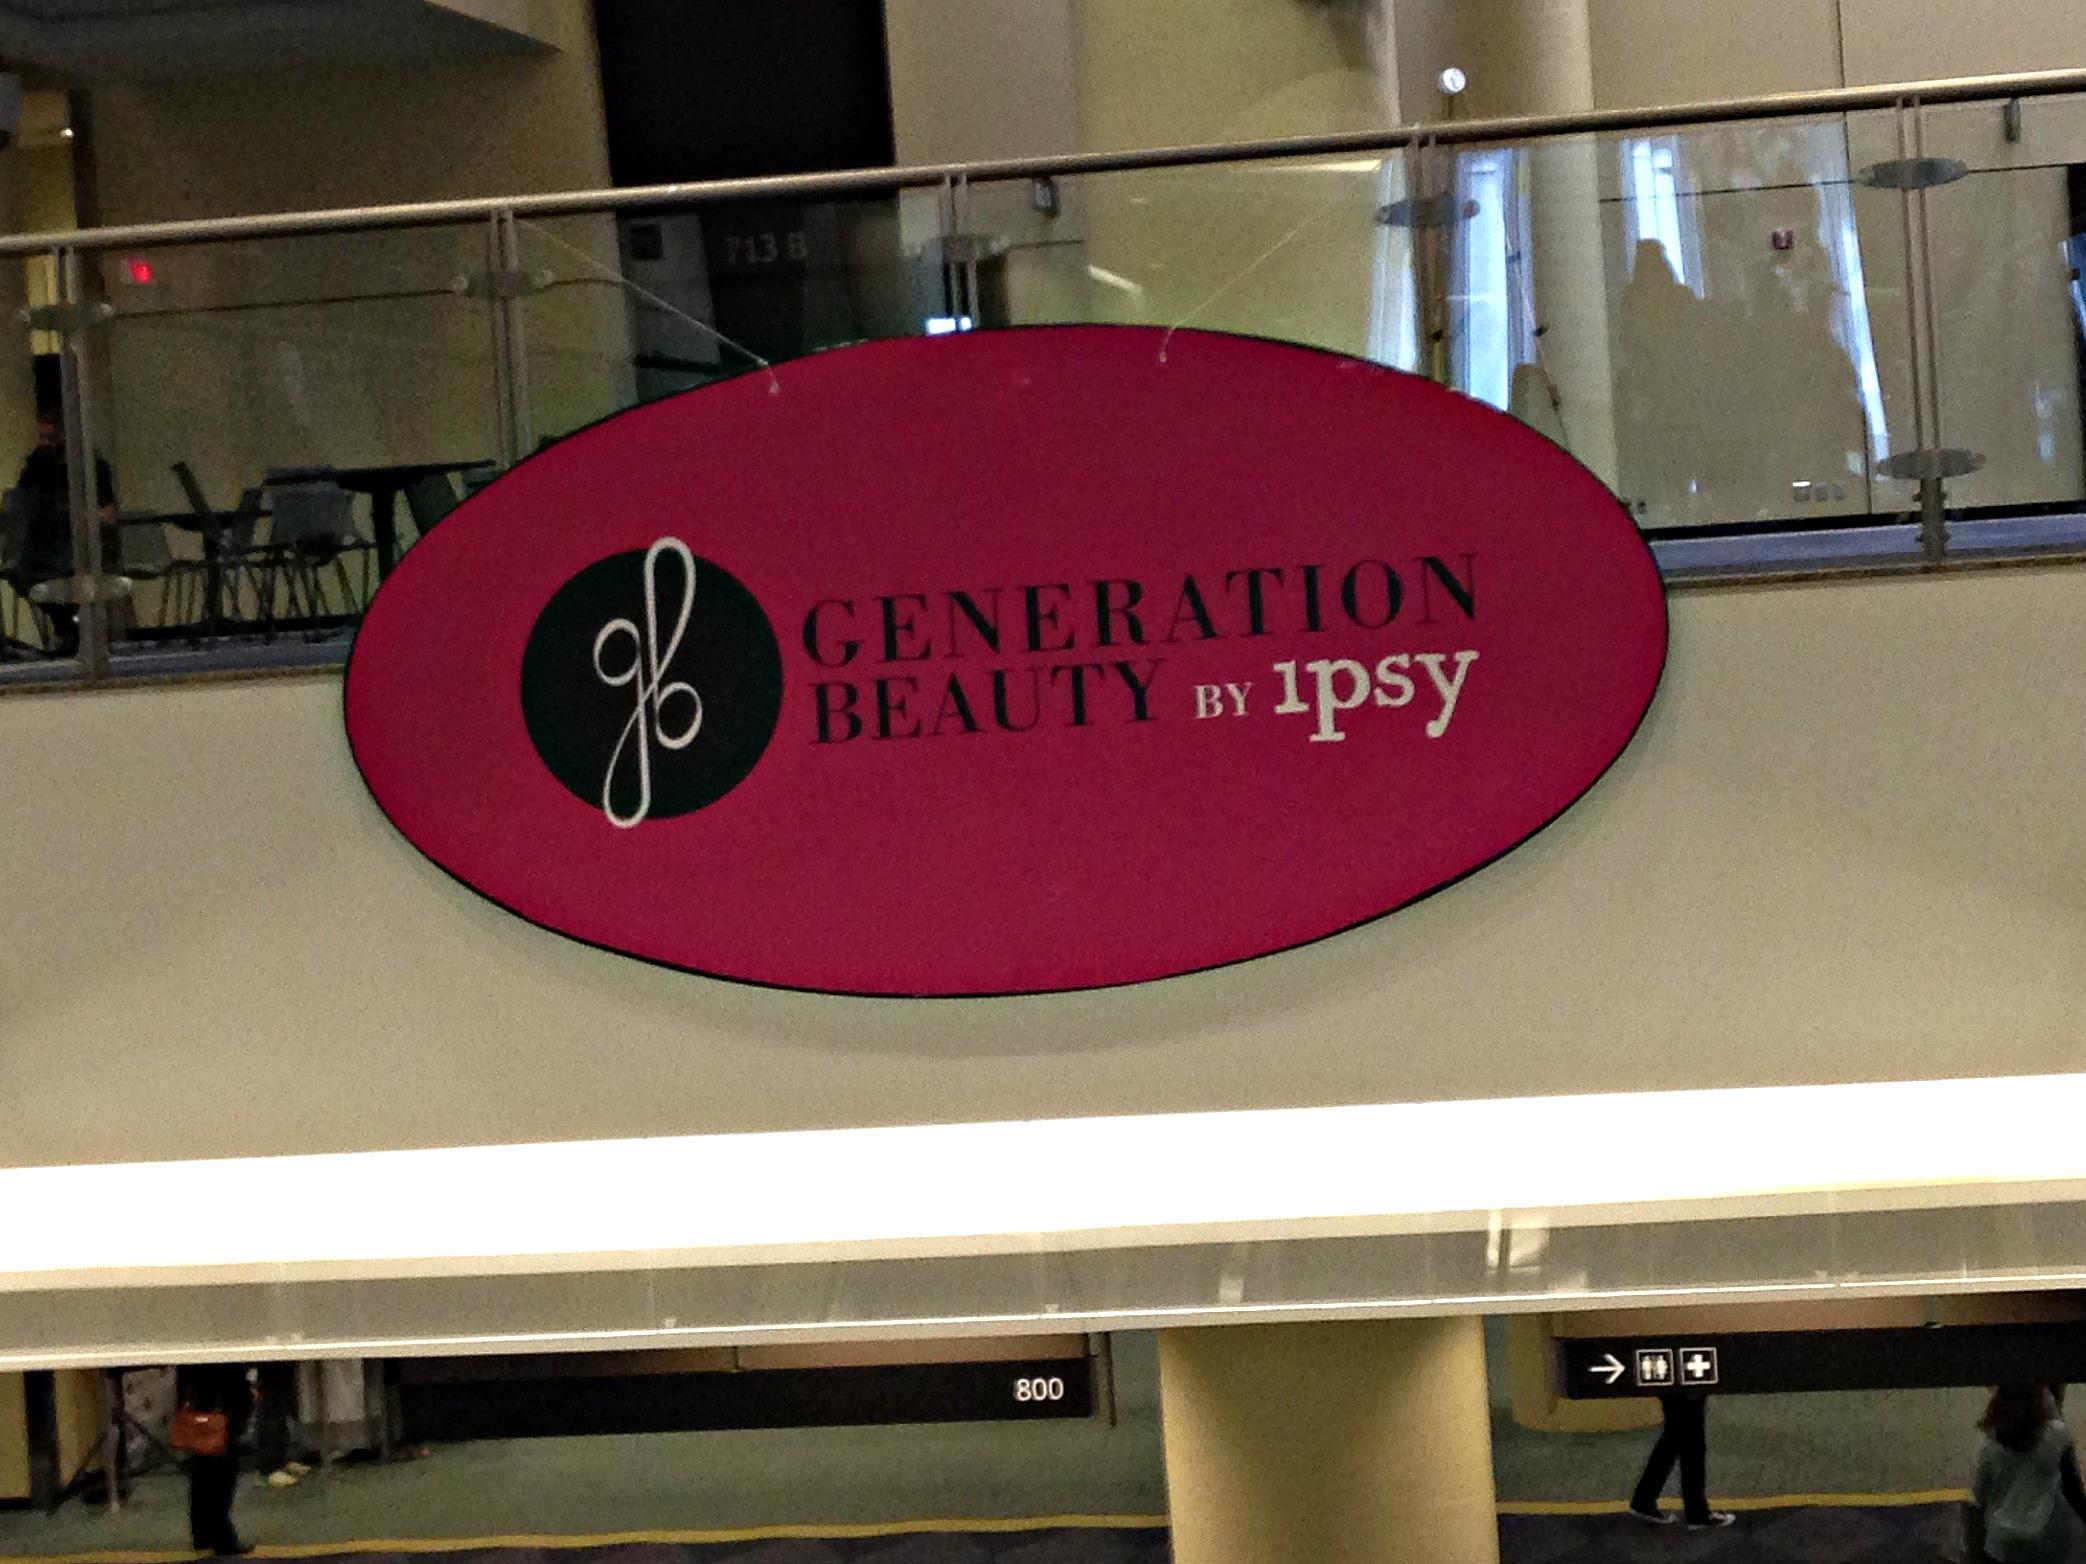 Generation Beauty by IPSY, Toronto 2016